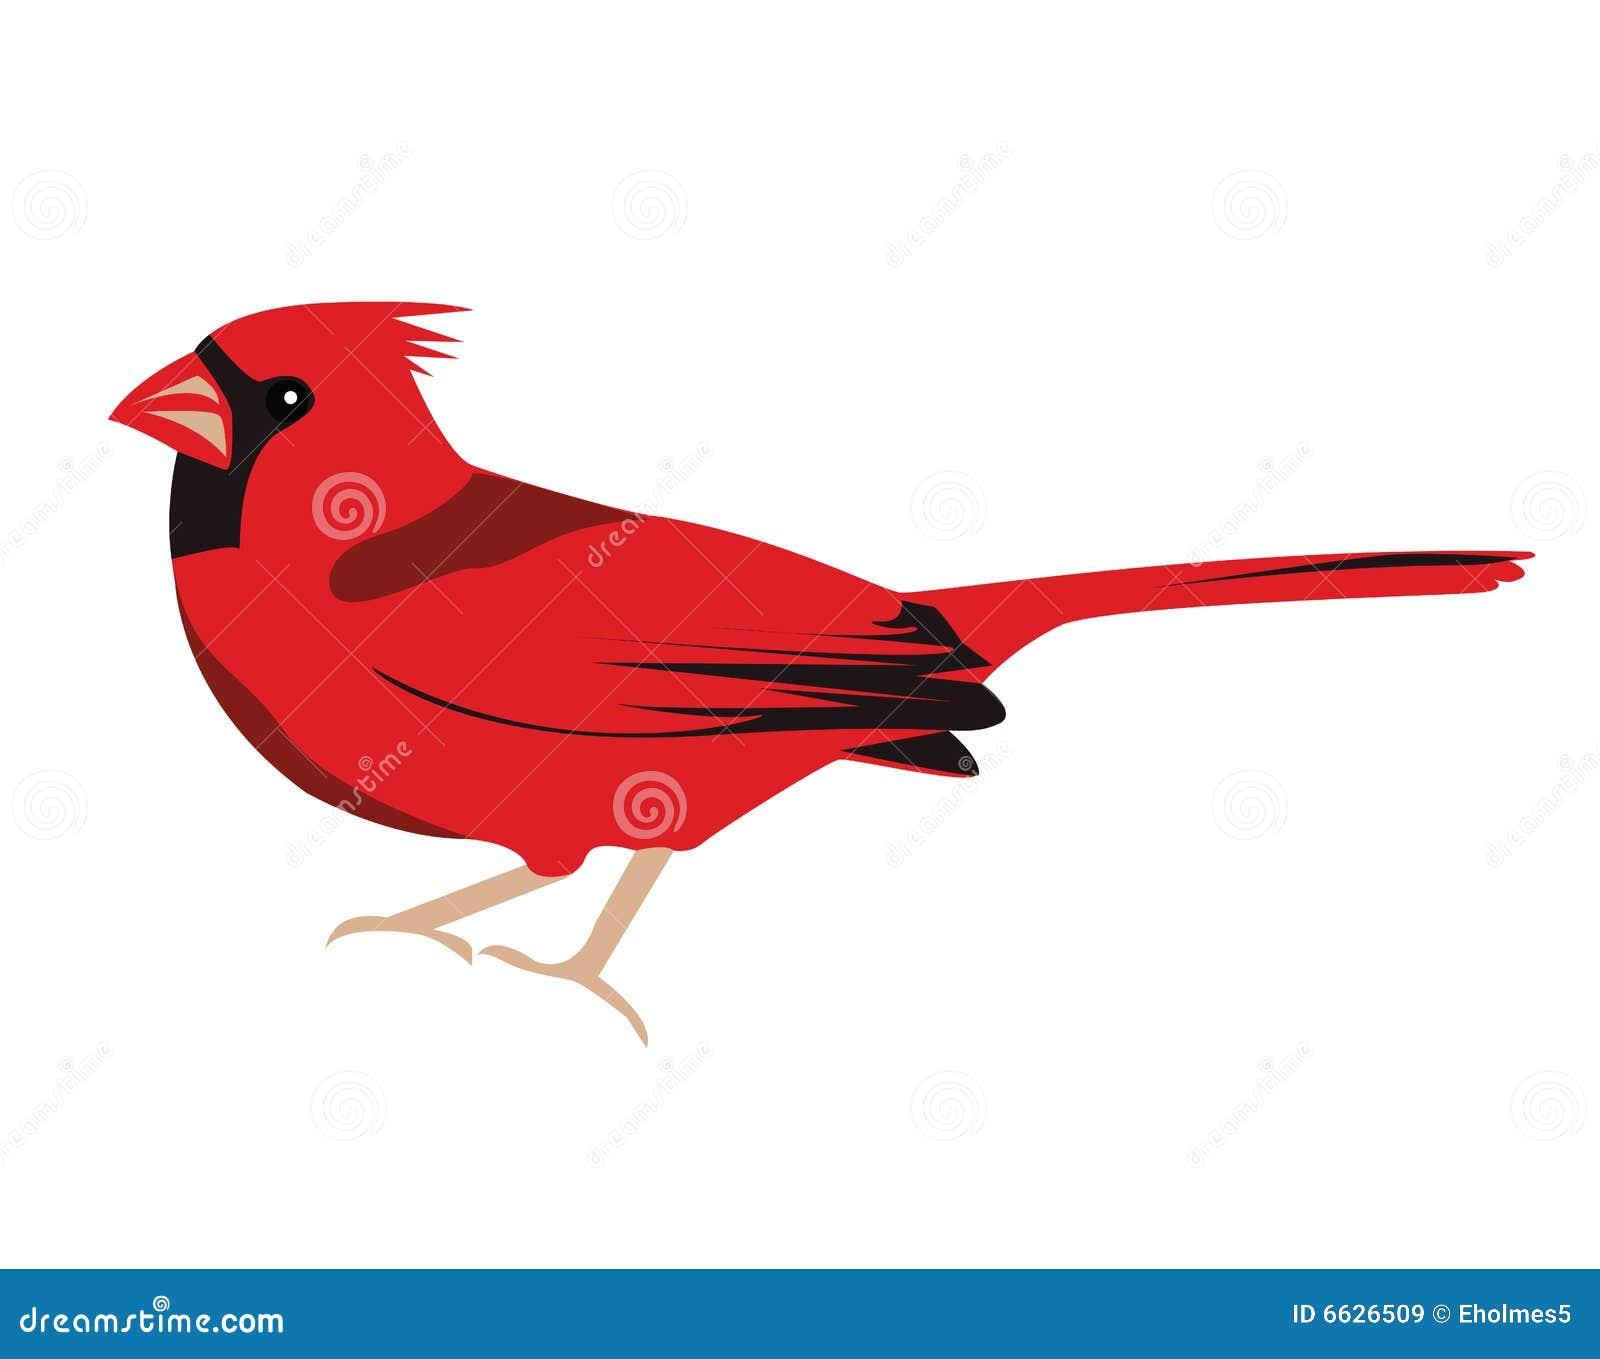 Cardinal Bird Royalty Free Stock Images - Image: 6626509